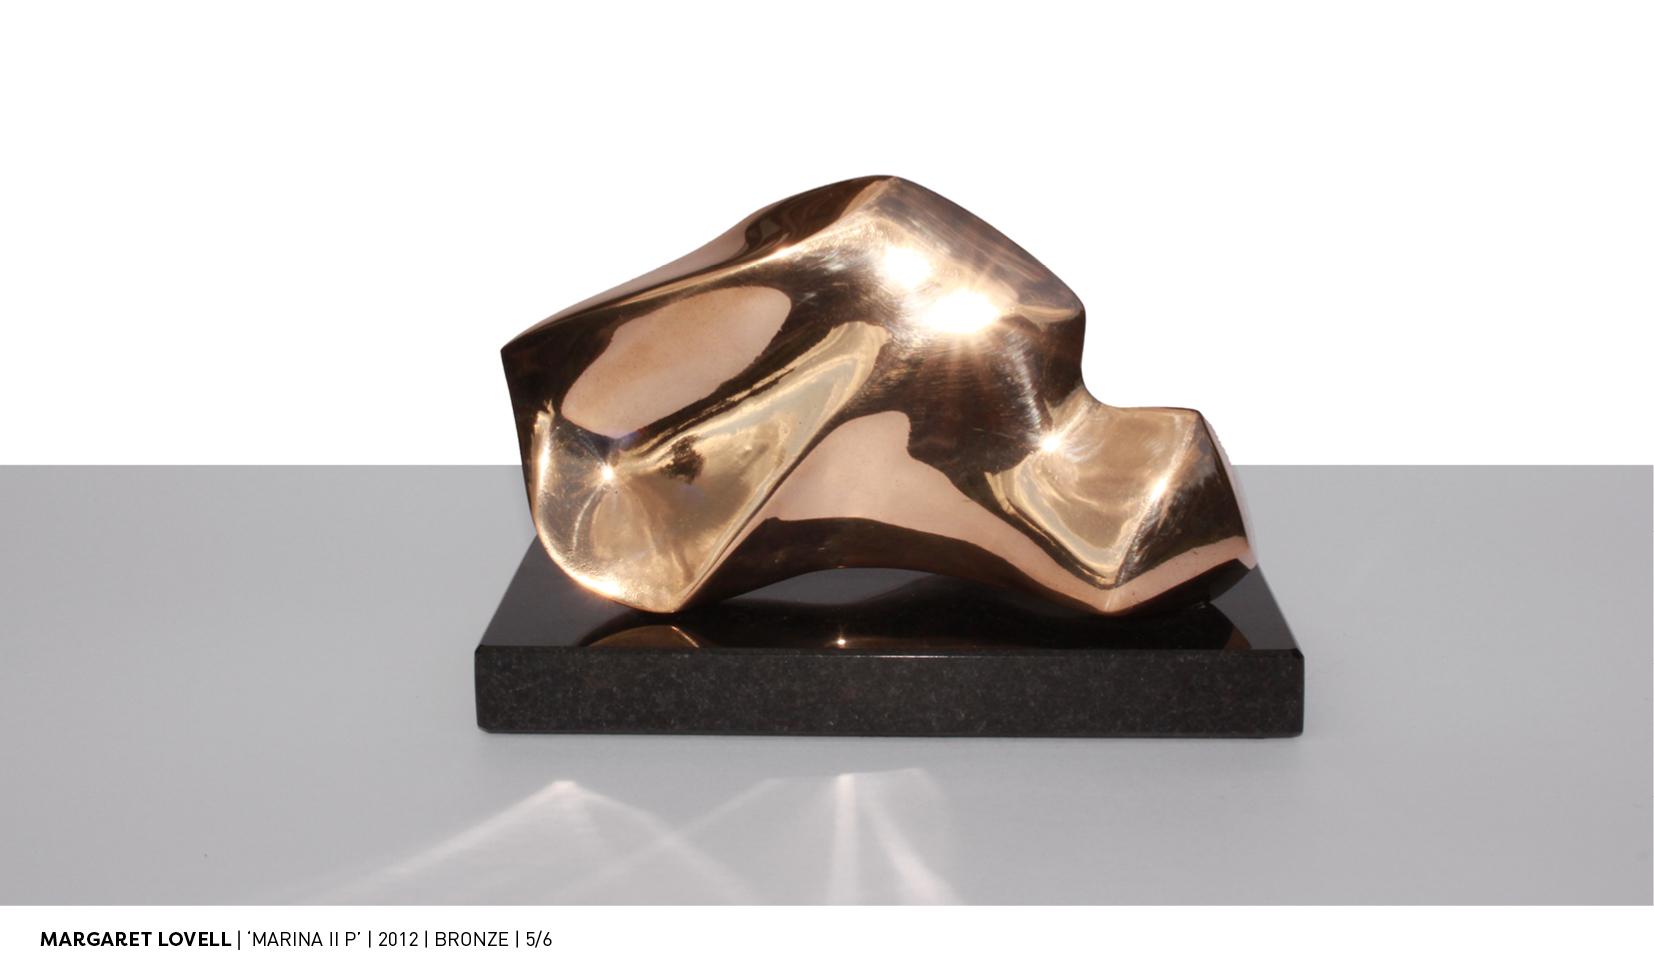 magraret lovell bronze sculpture